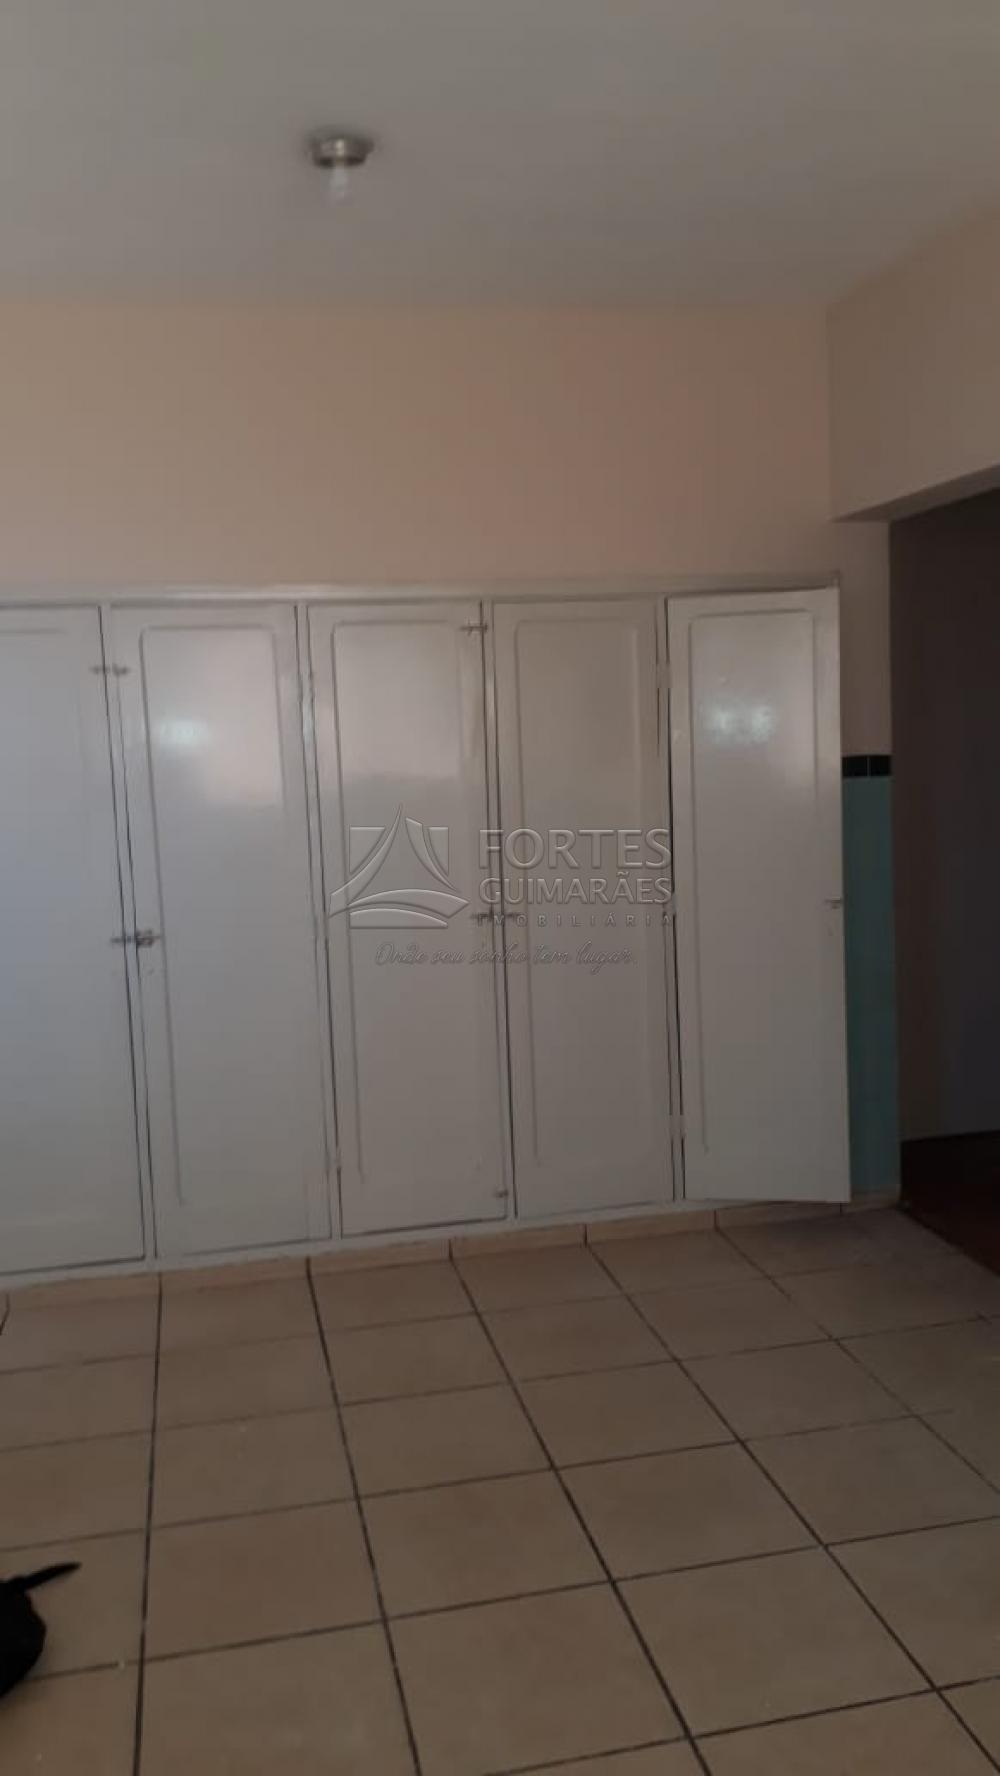 Alugar Casas / Padrão em Ribeirão Preto apenas R$ 850,00 - Foto 17